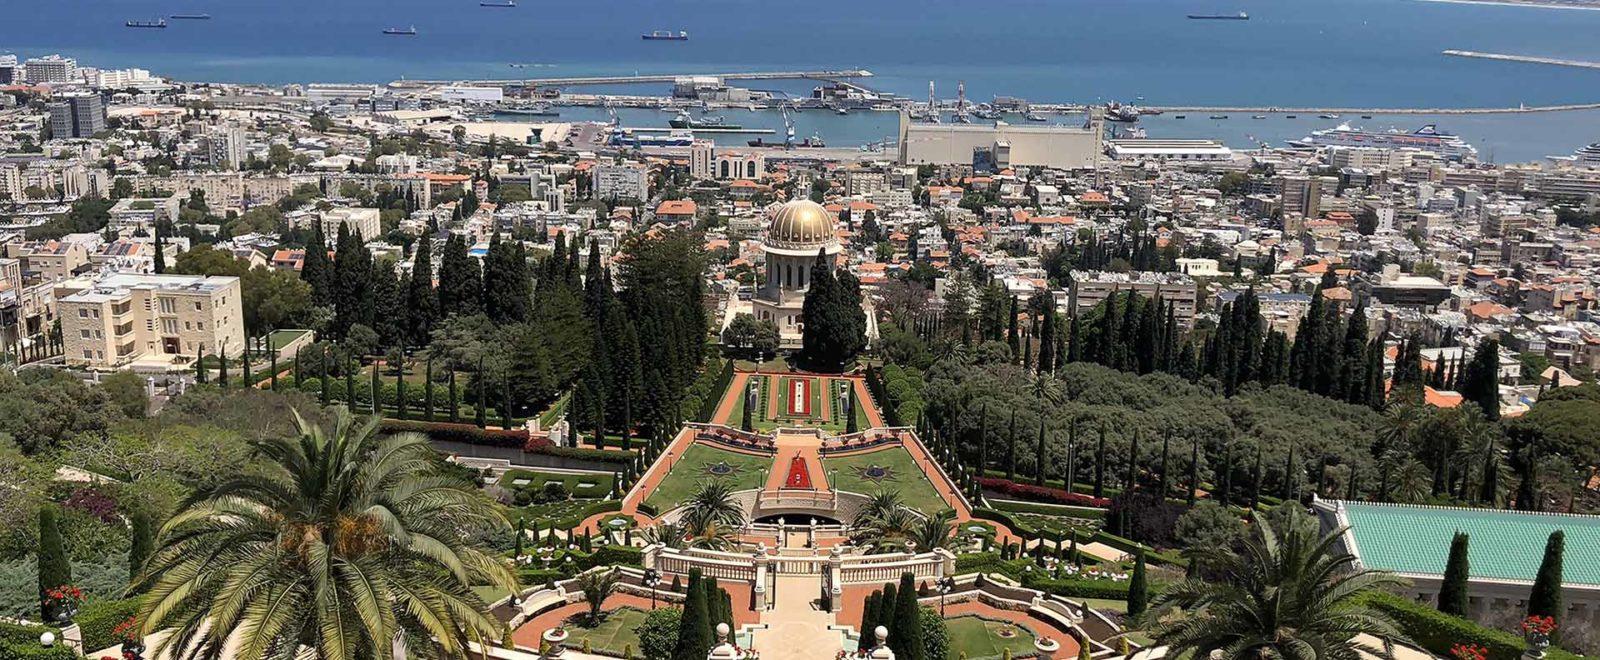 The Baha'i Gardens in Haifa from above